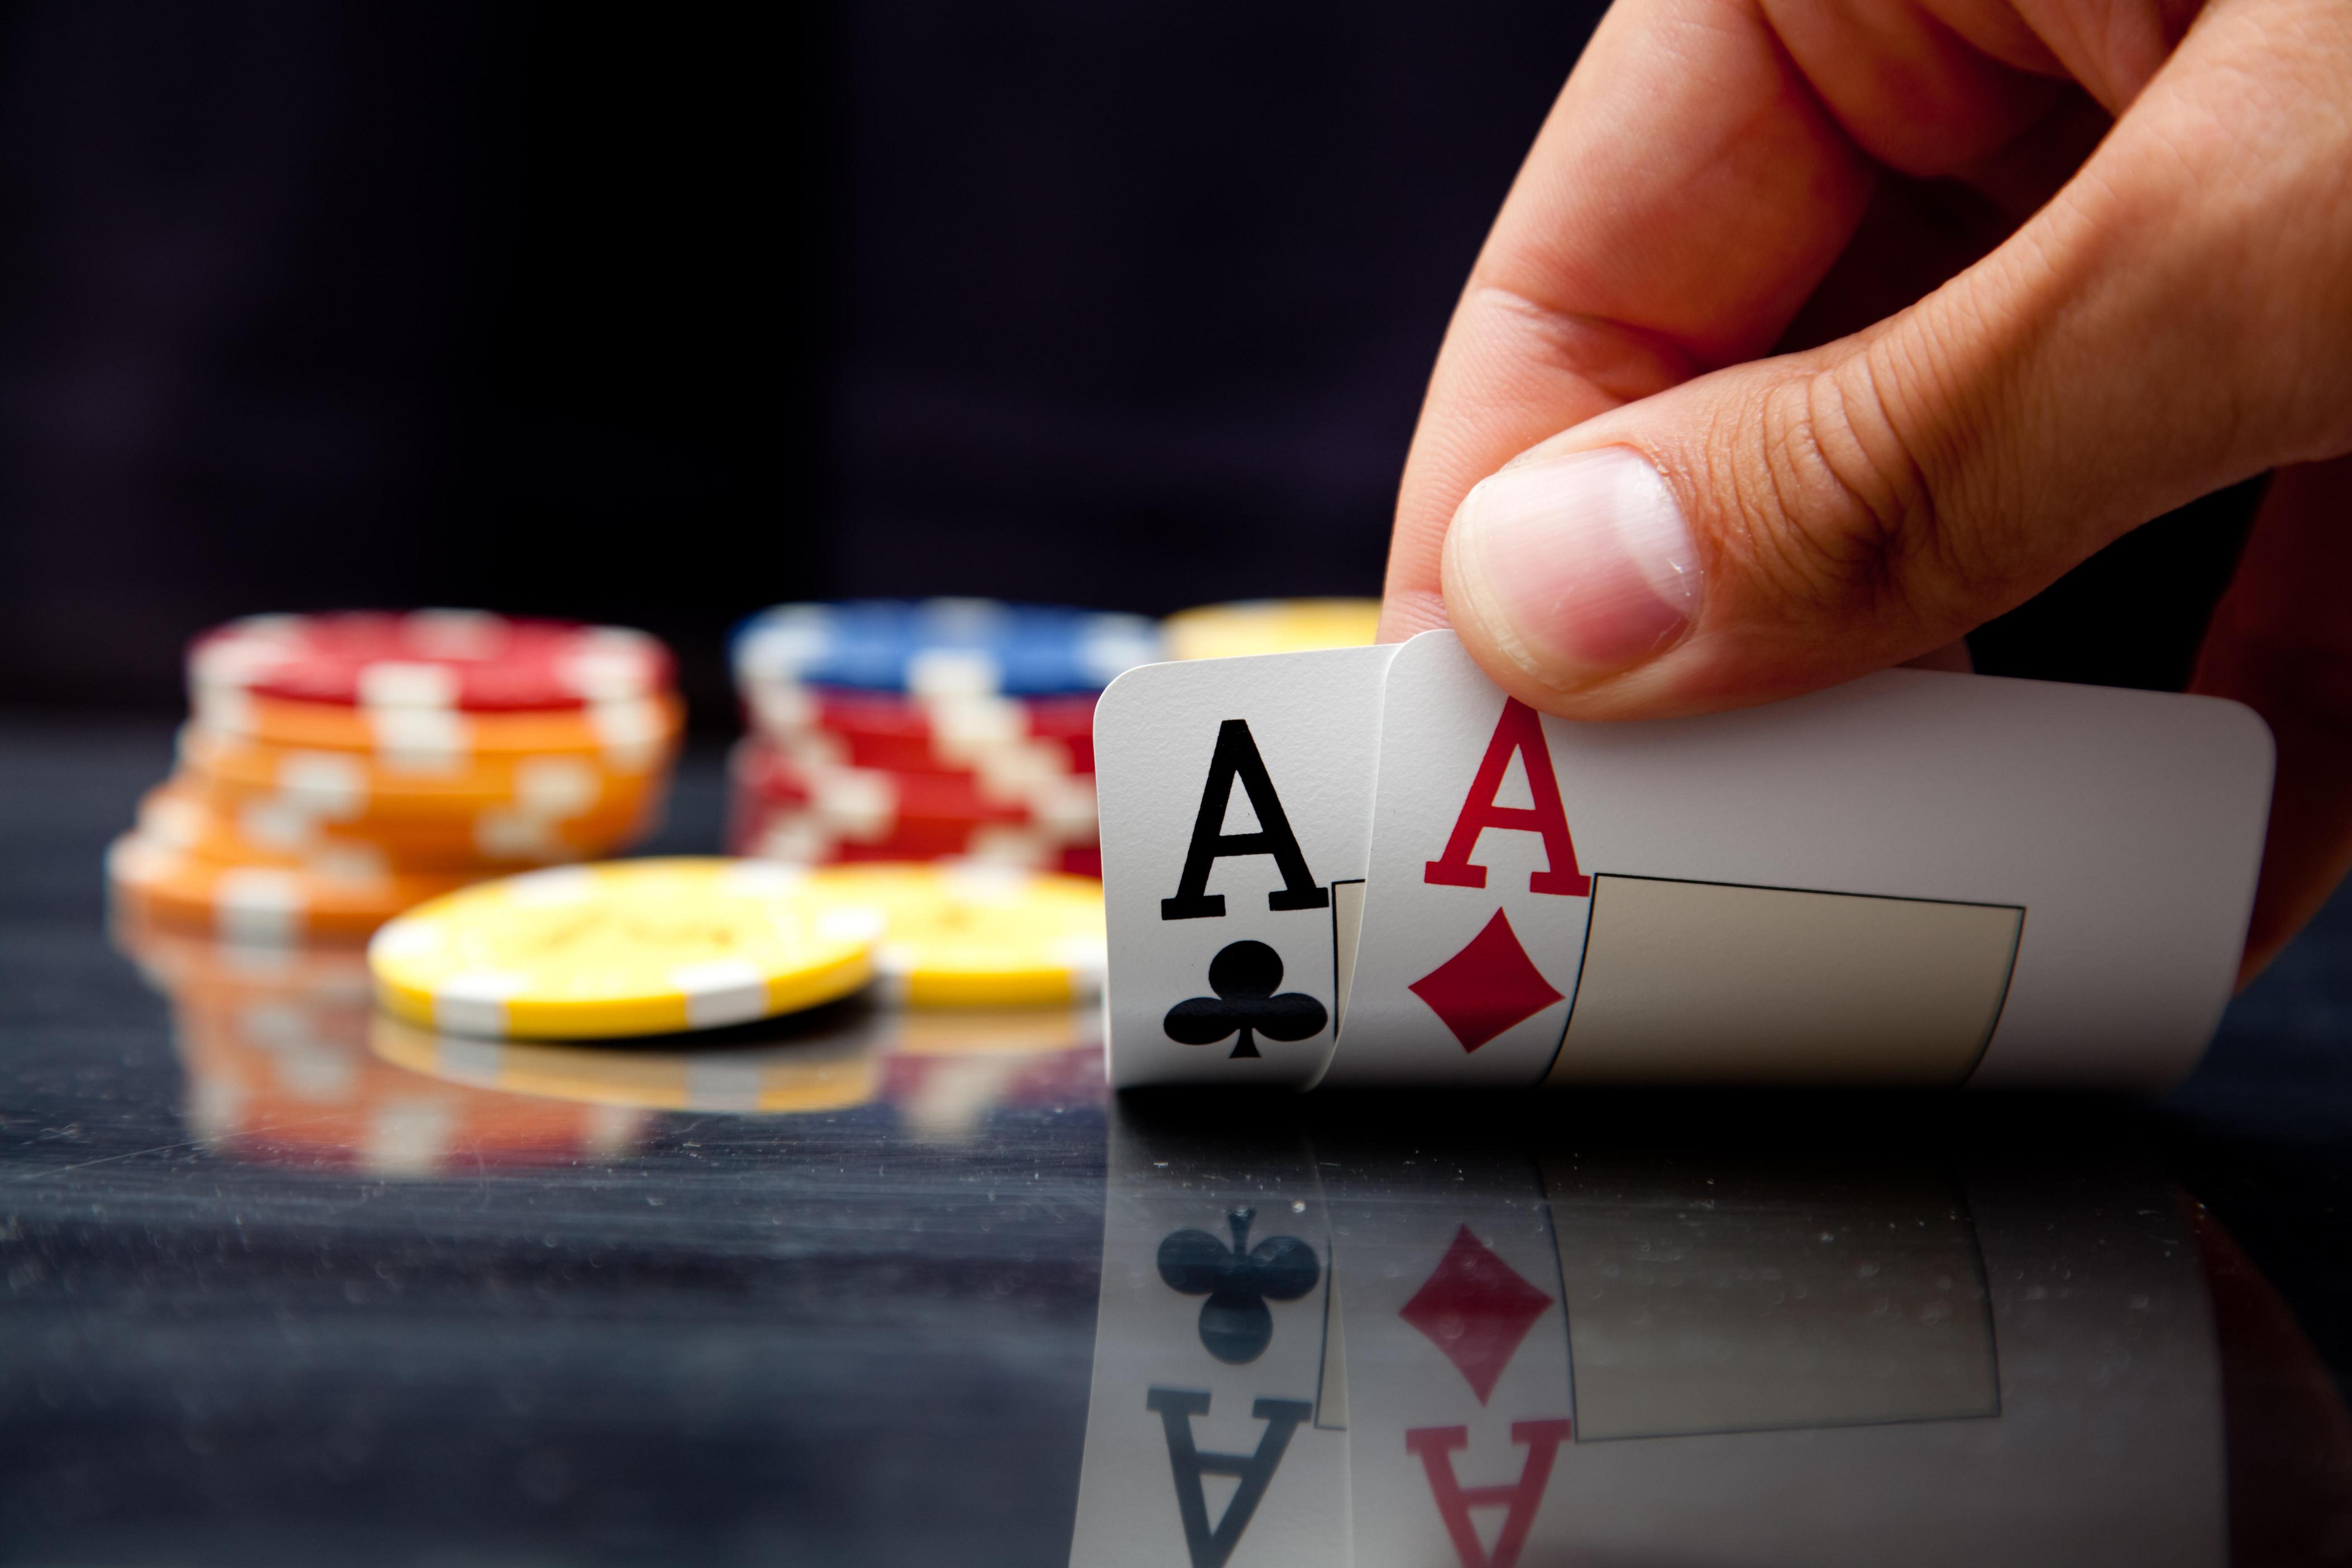 Обучение покеру в Москве